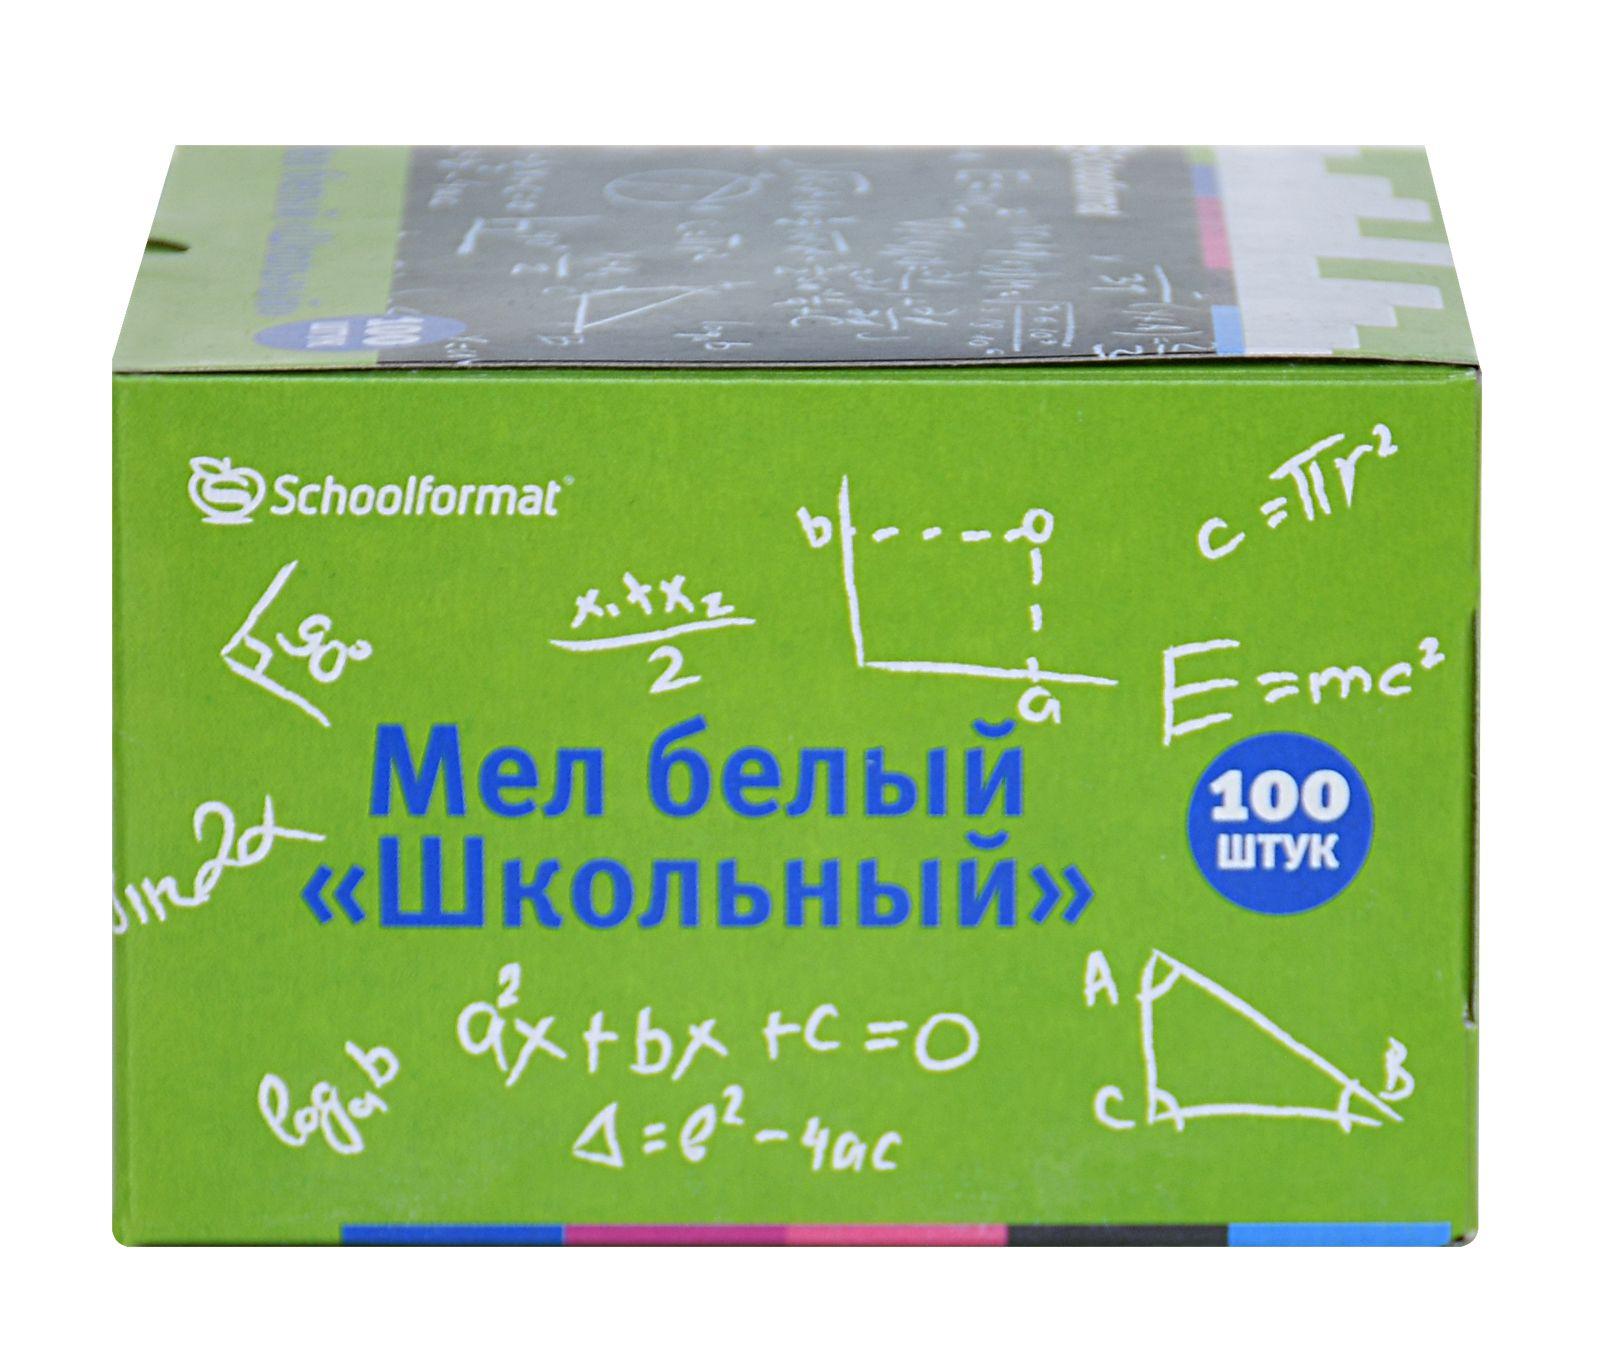 Мелки белые школьные Schoolformat 100 шт., картонная упаковка